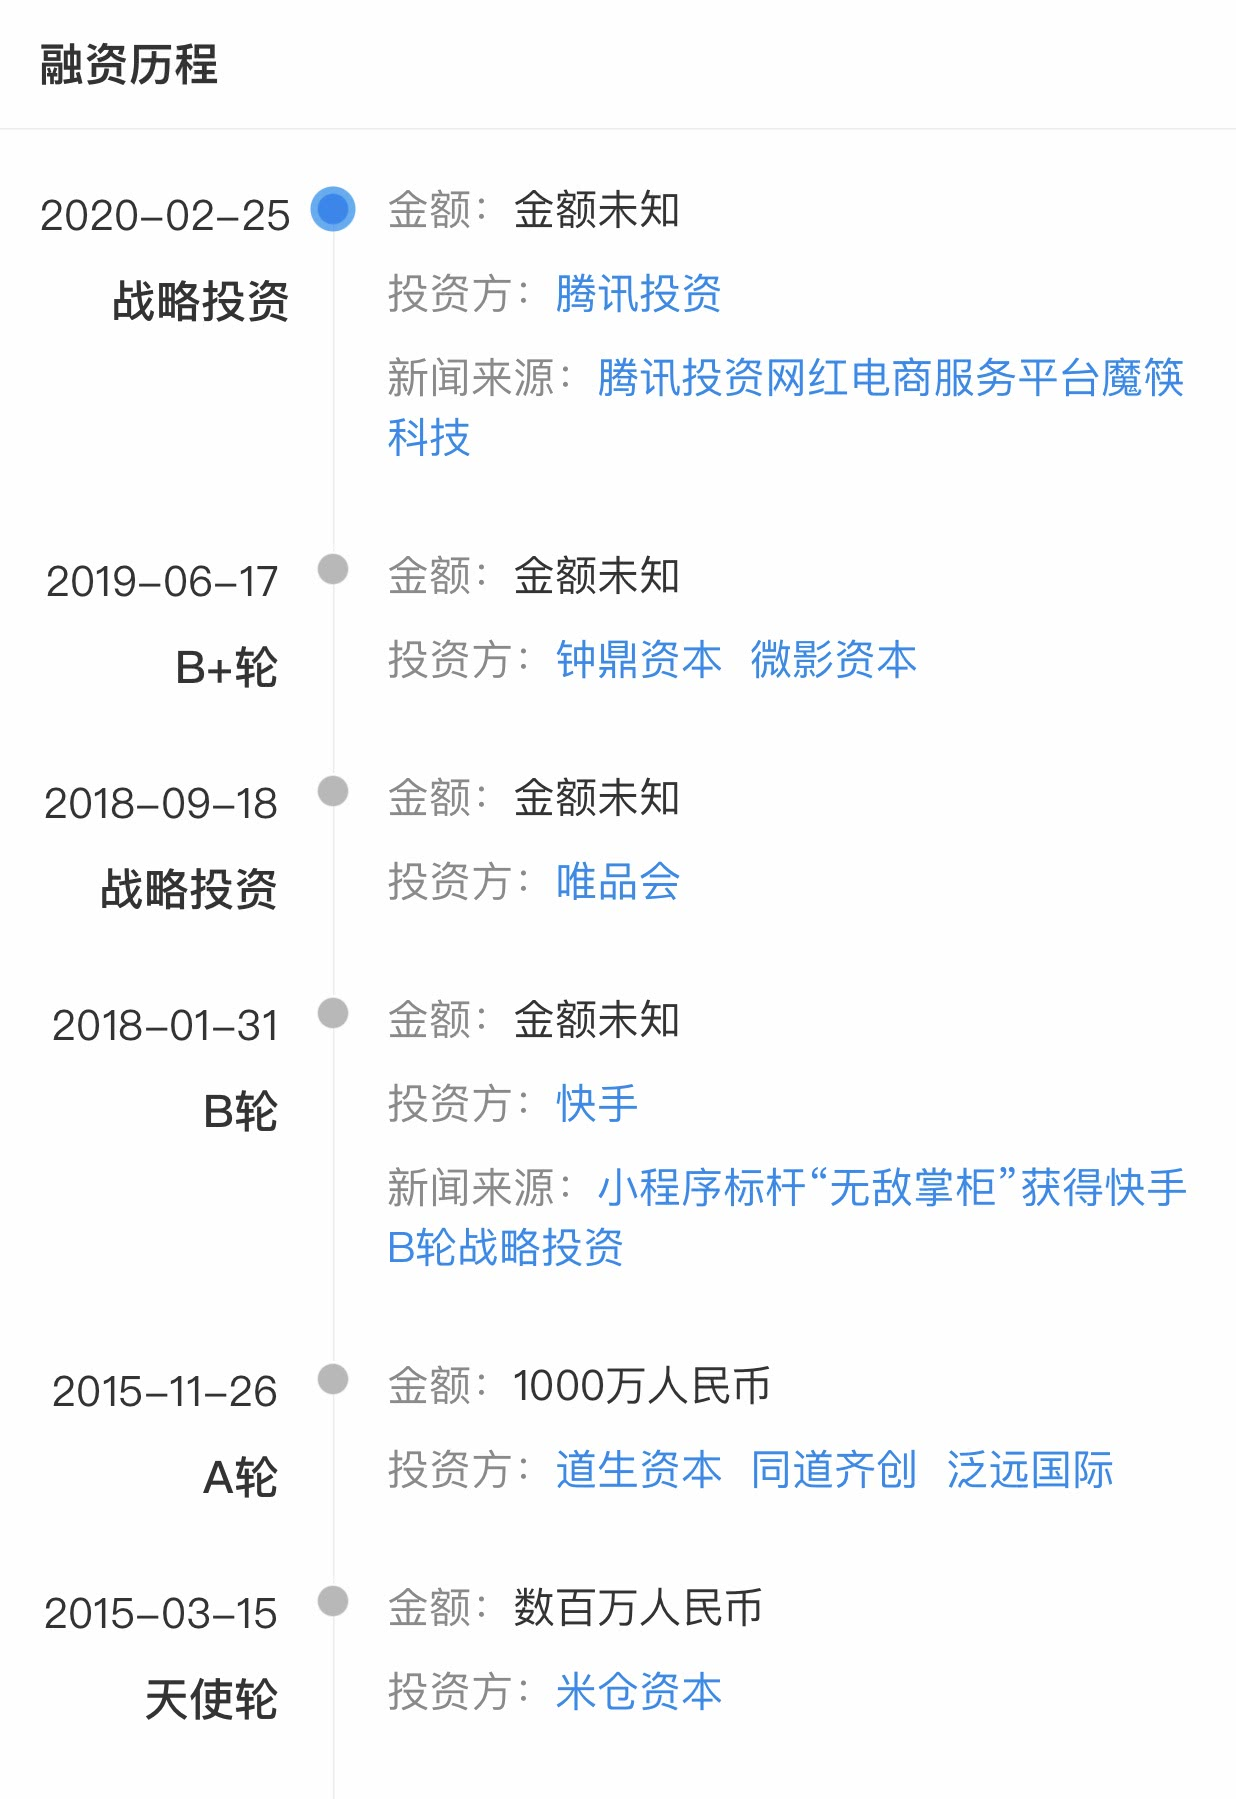 网红电商服务平台魔筷科技完成数亿元C轮融资,此前曾获快手、腾讯战略投资